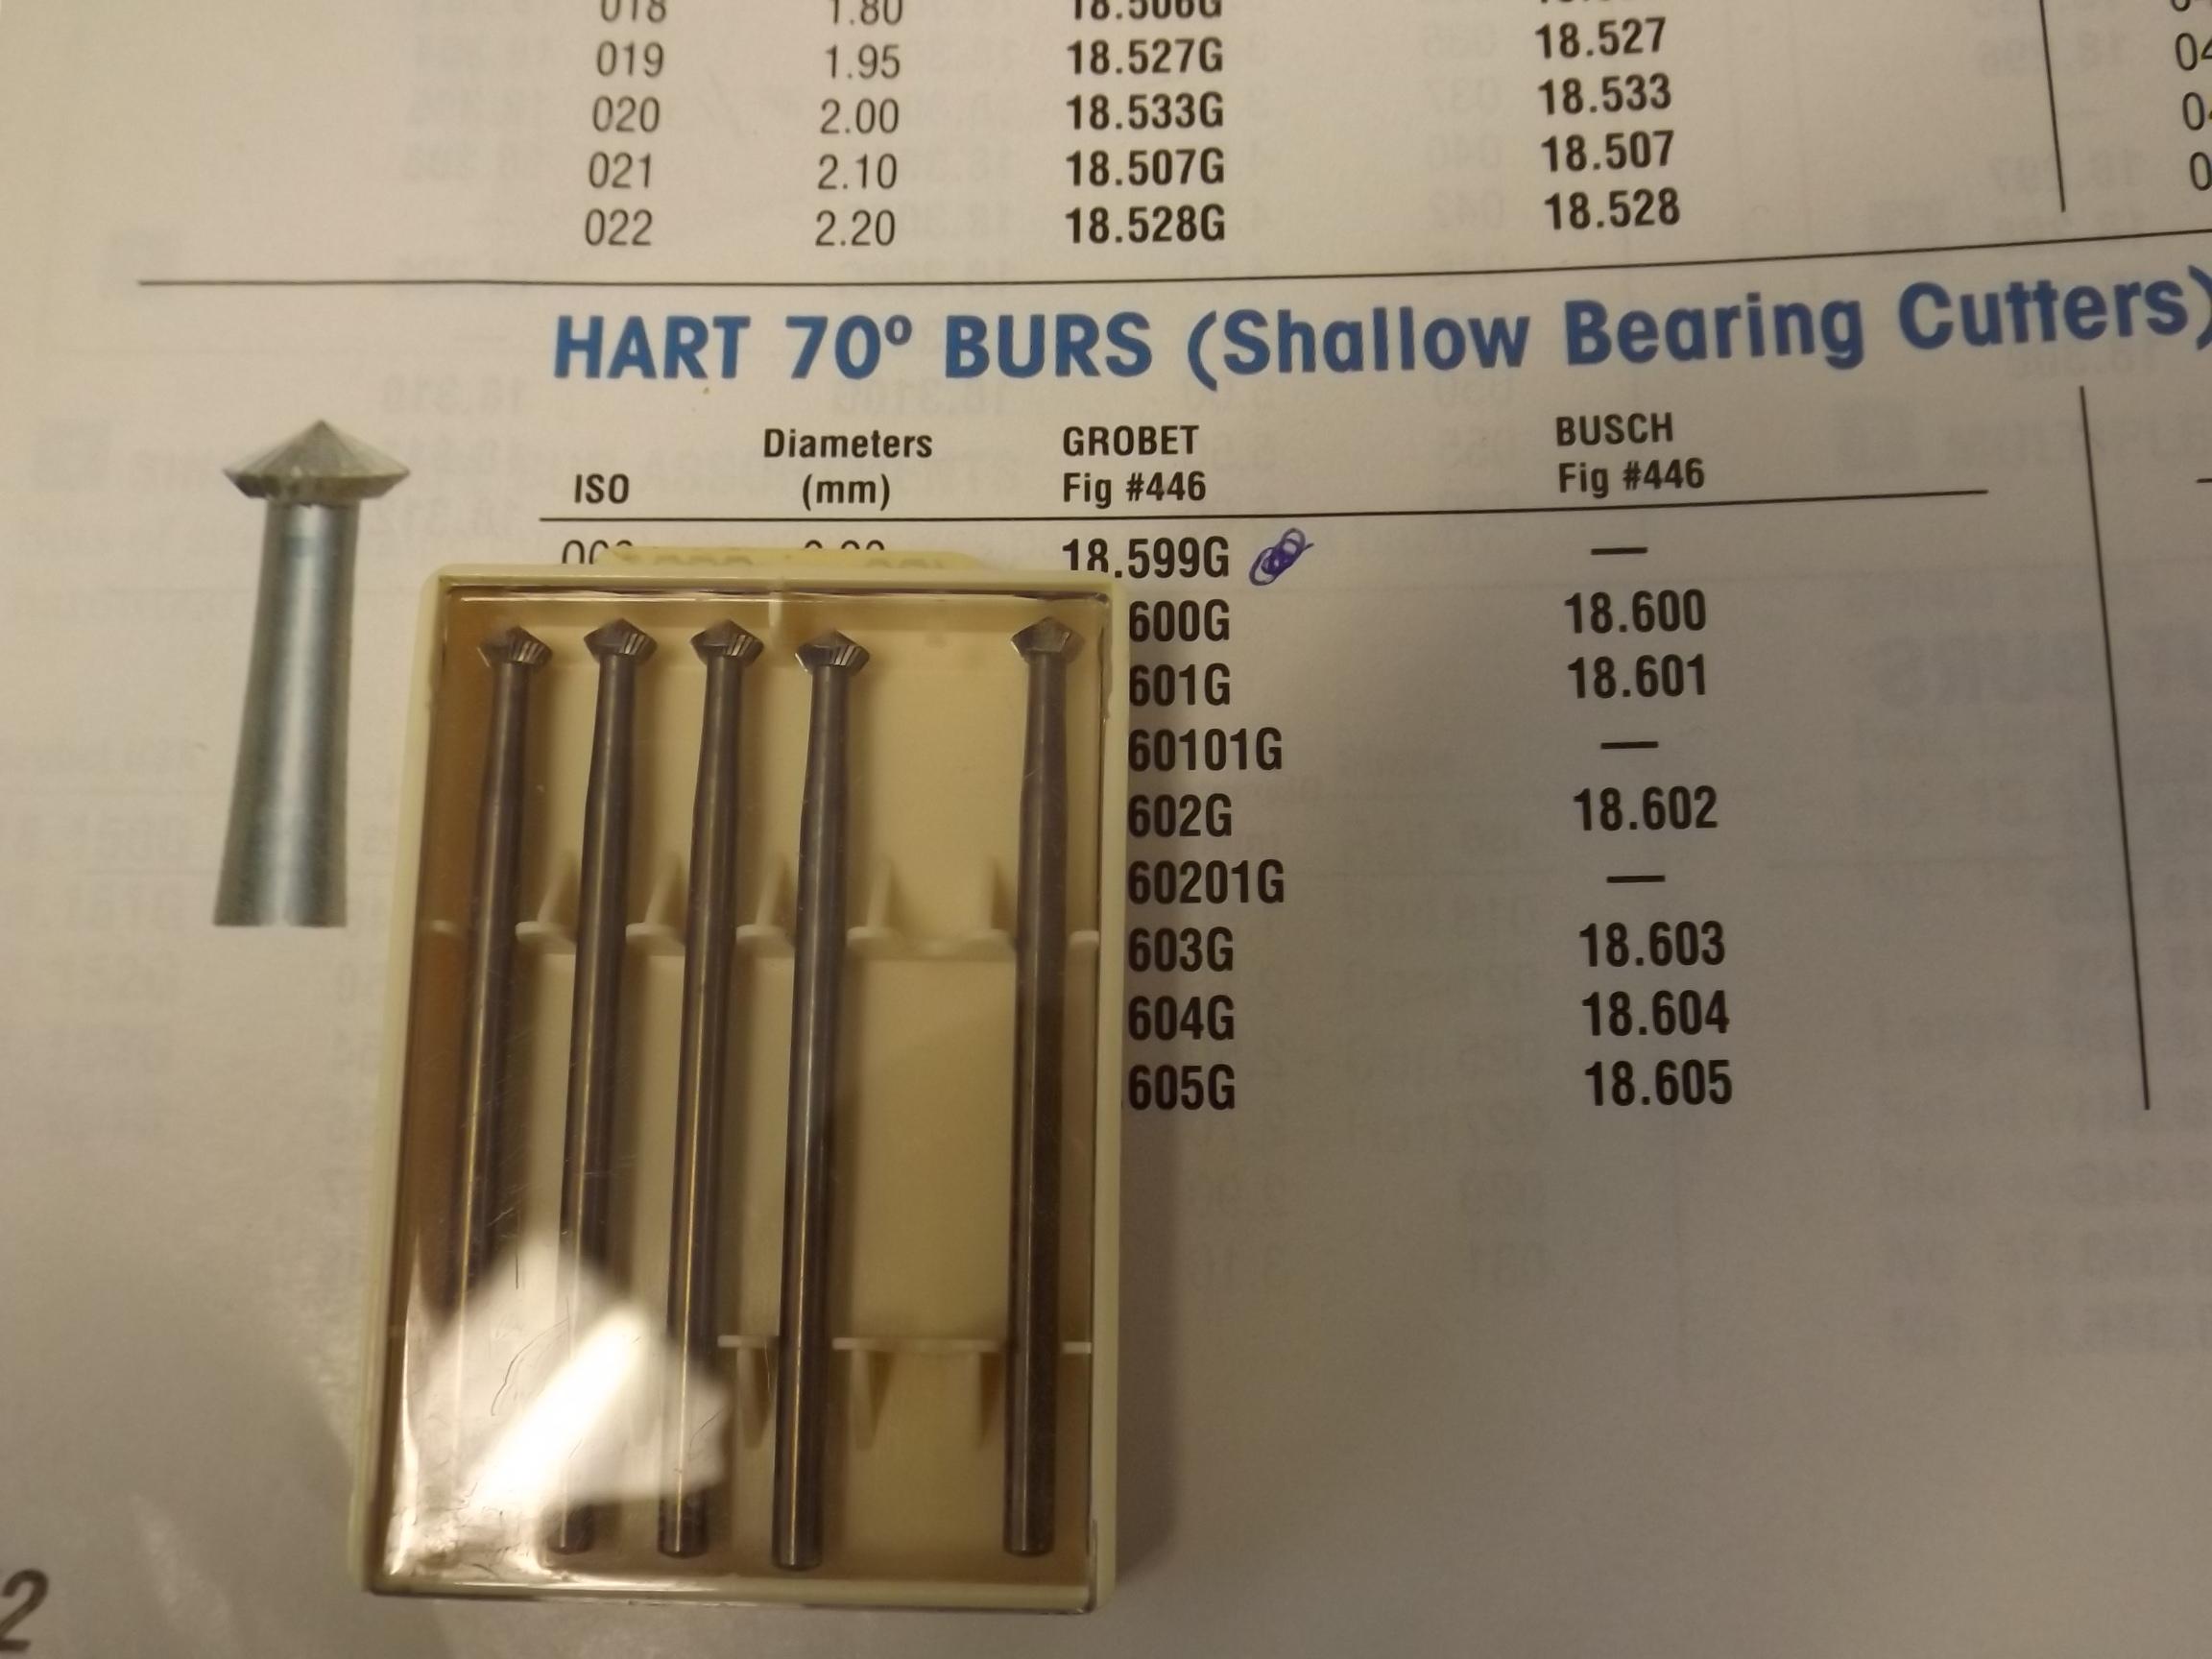 BR446/1 Grobet Brand Bur, 70° Hart, Fig. 446, Size 010- # 18.600